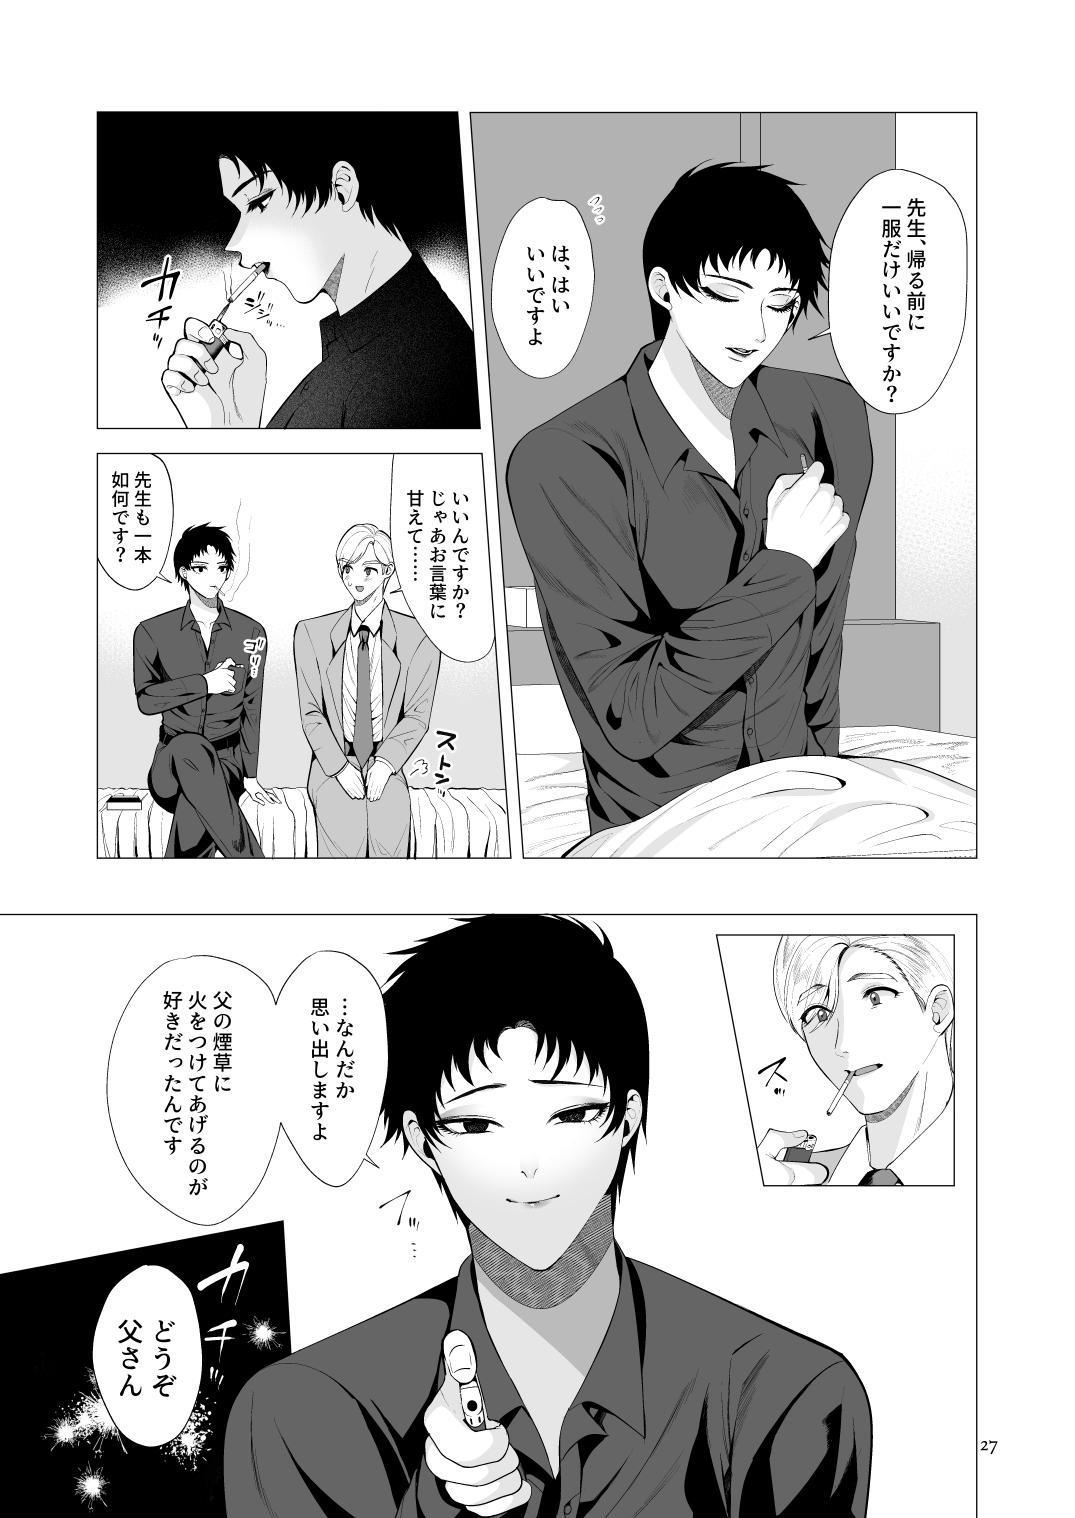 Kyozou no Sugata wa Chichi ni Nite iru 25